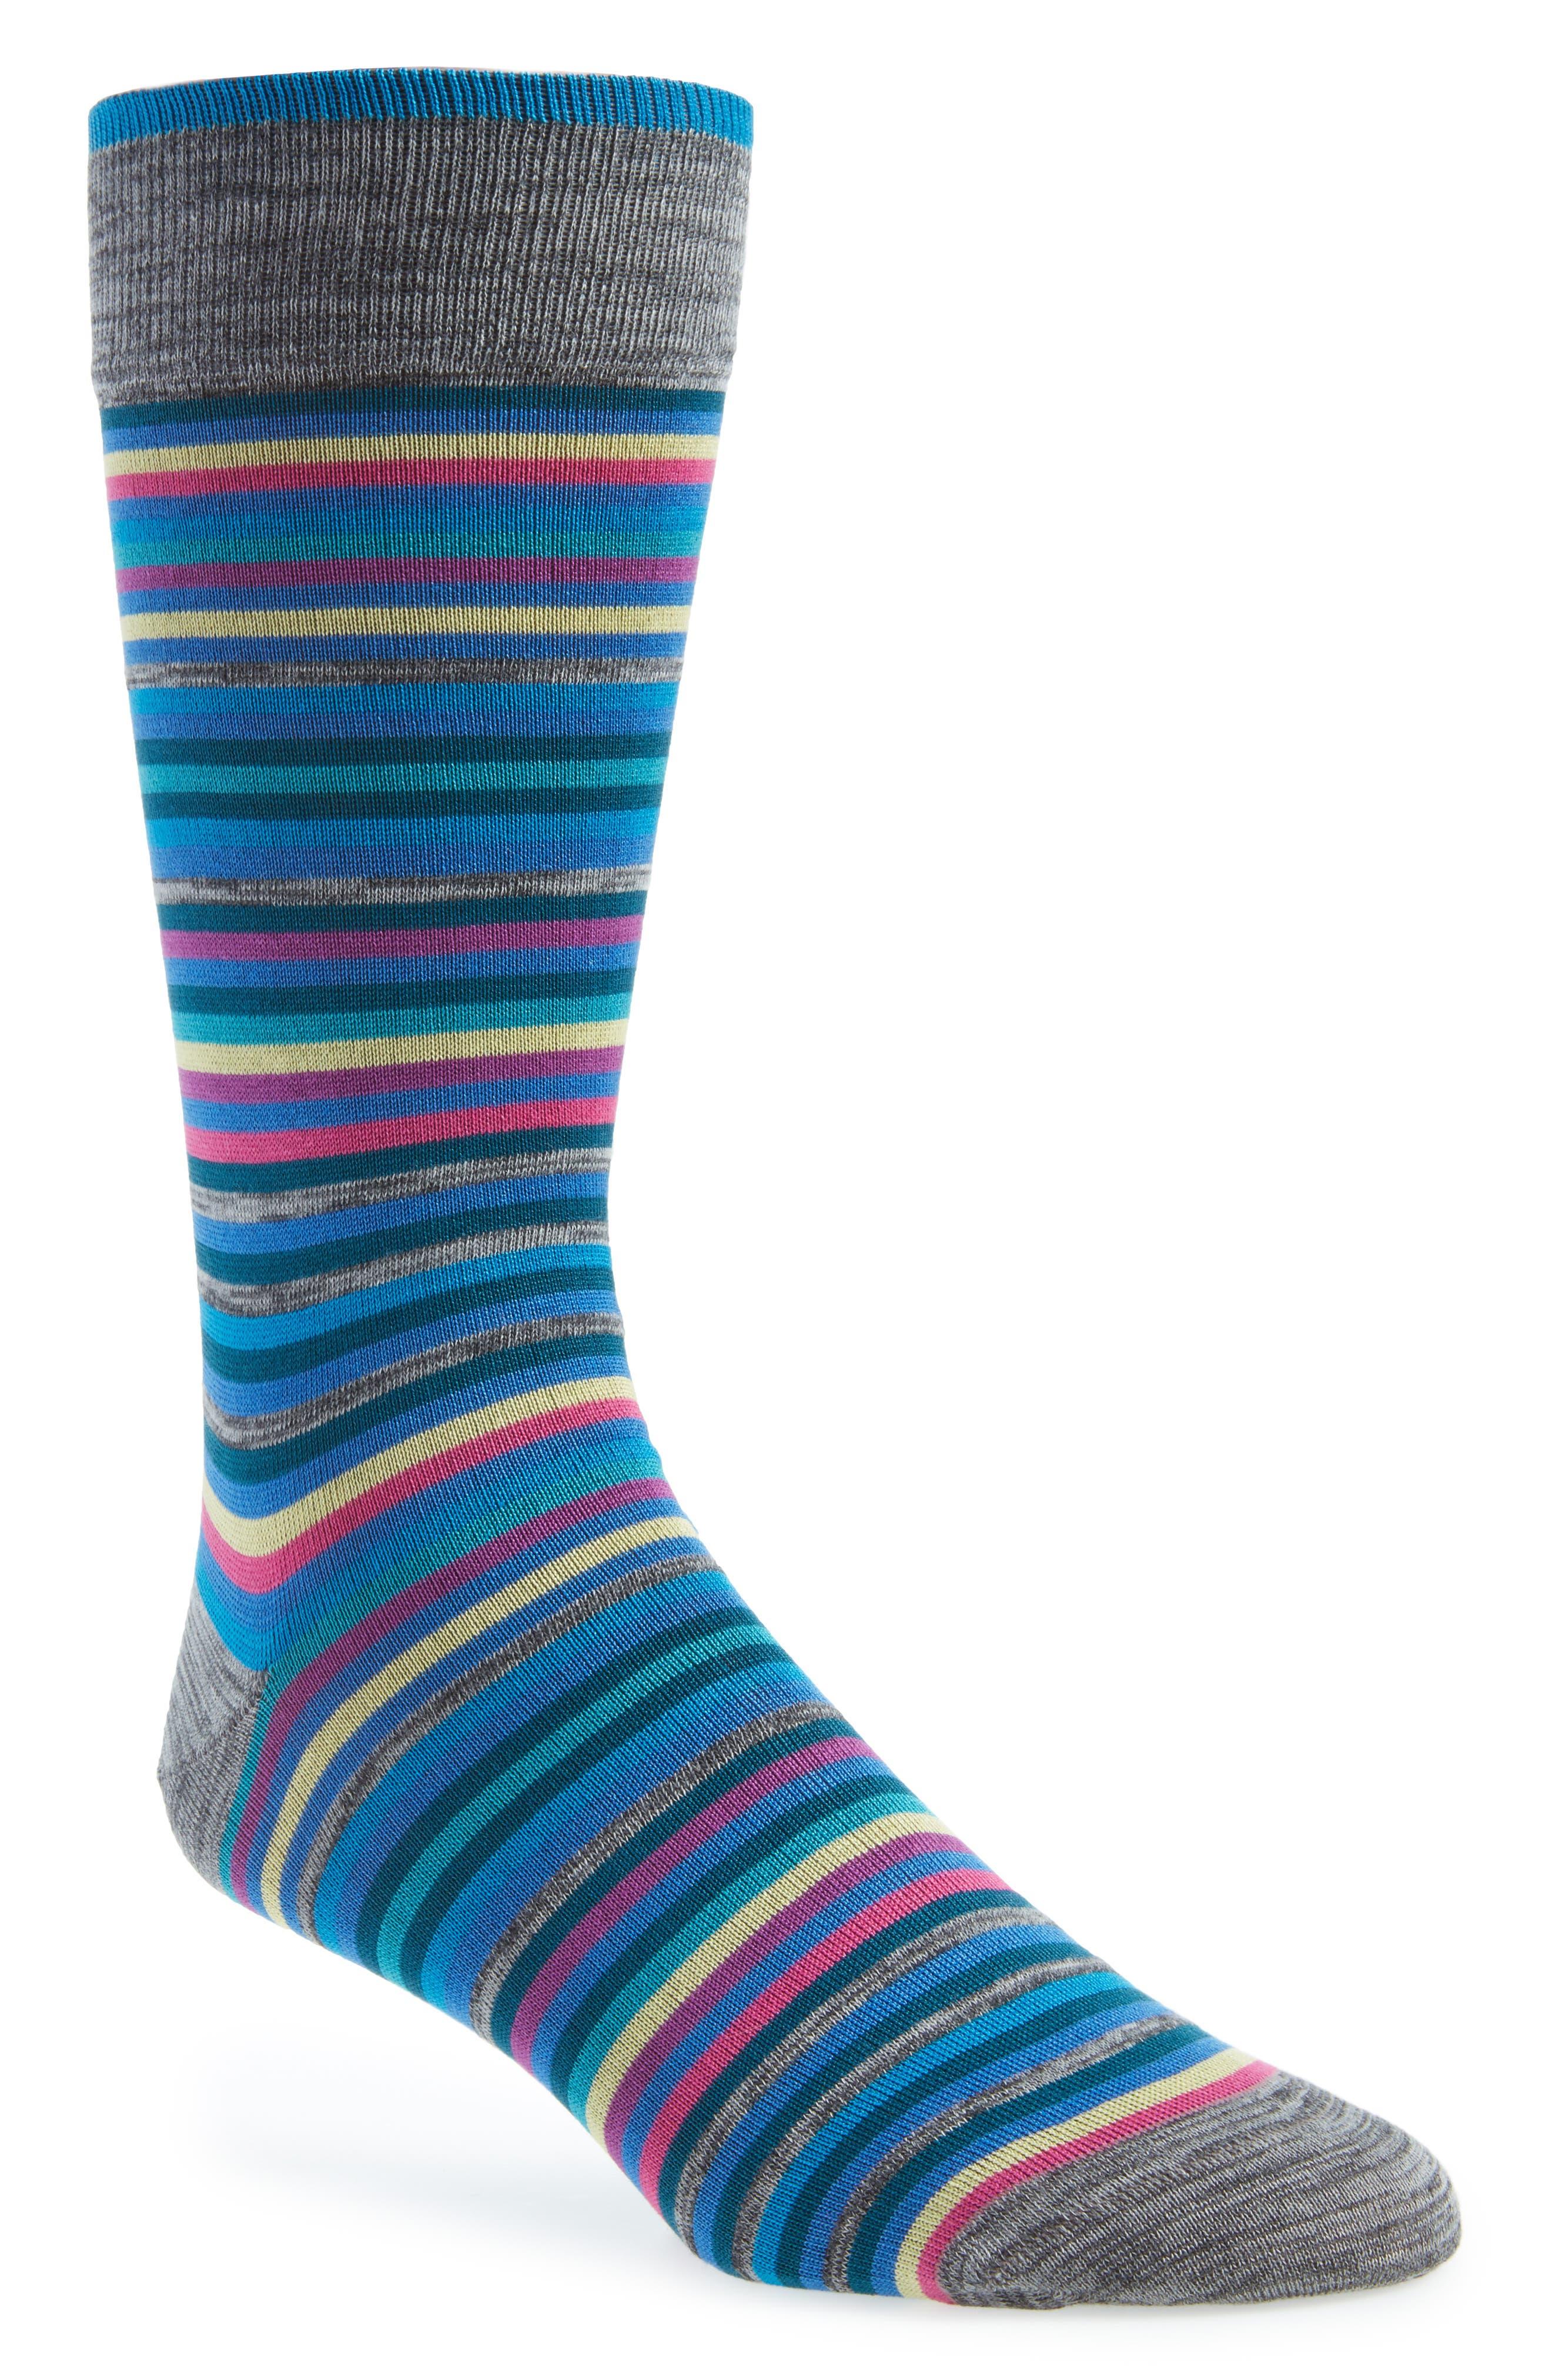 Stripe Mercerized Cotton Blend Socks,                             Main thumbnail 1, color,                             040